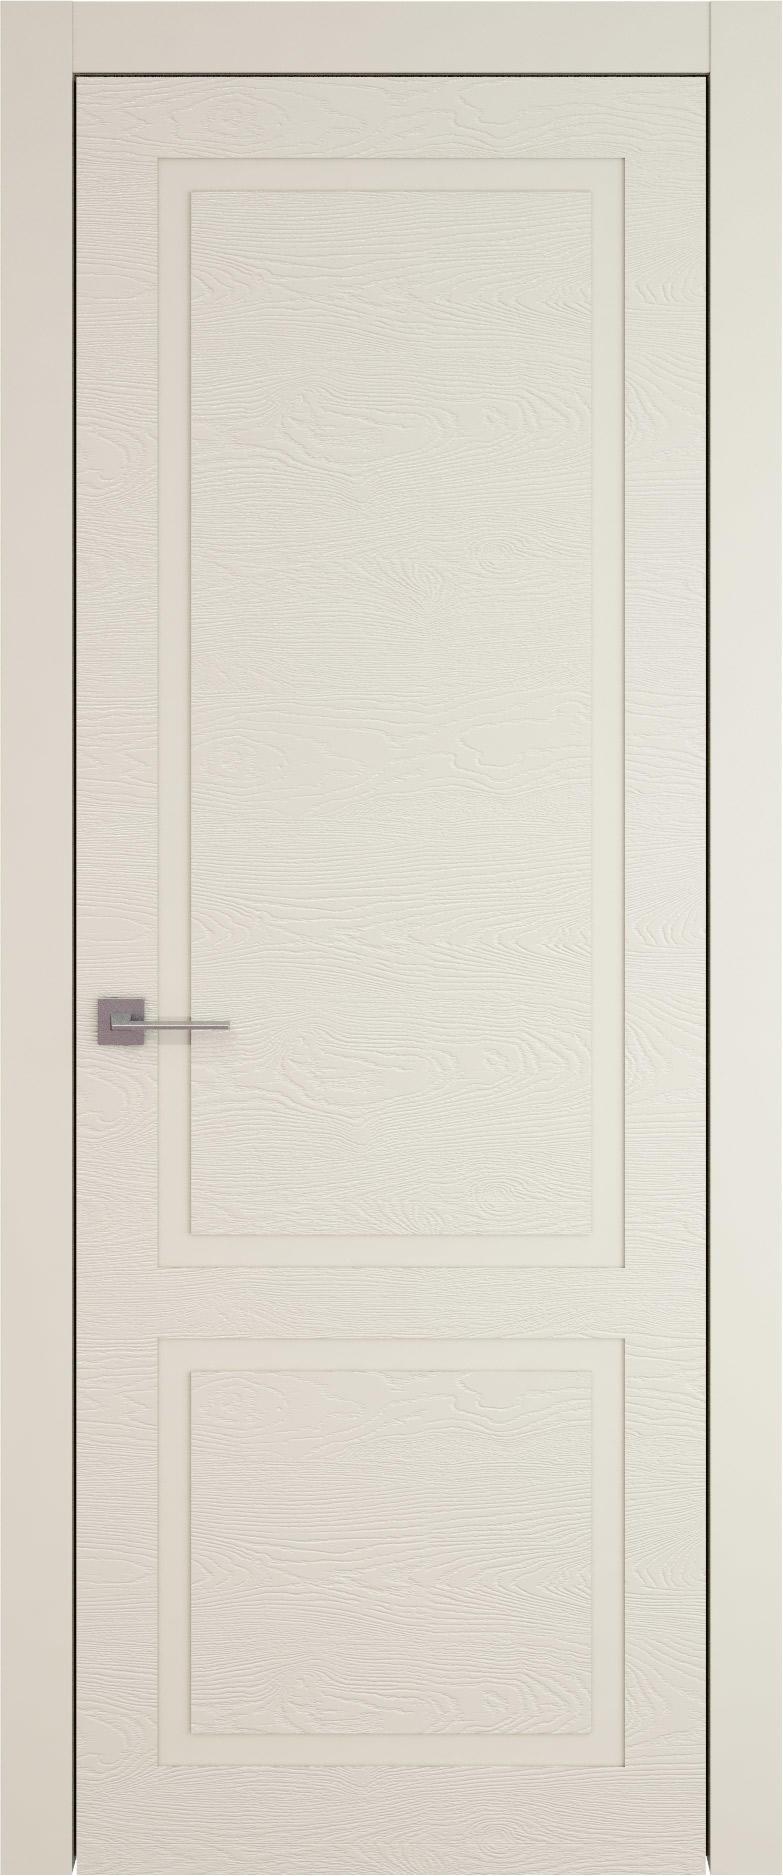 Tivoli И-5 цвет - Жемчужная эмаль по шпону (RAL 1013) Без стекла (ДГ)